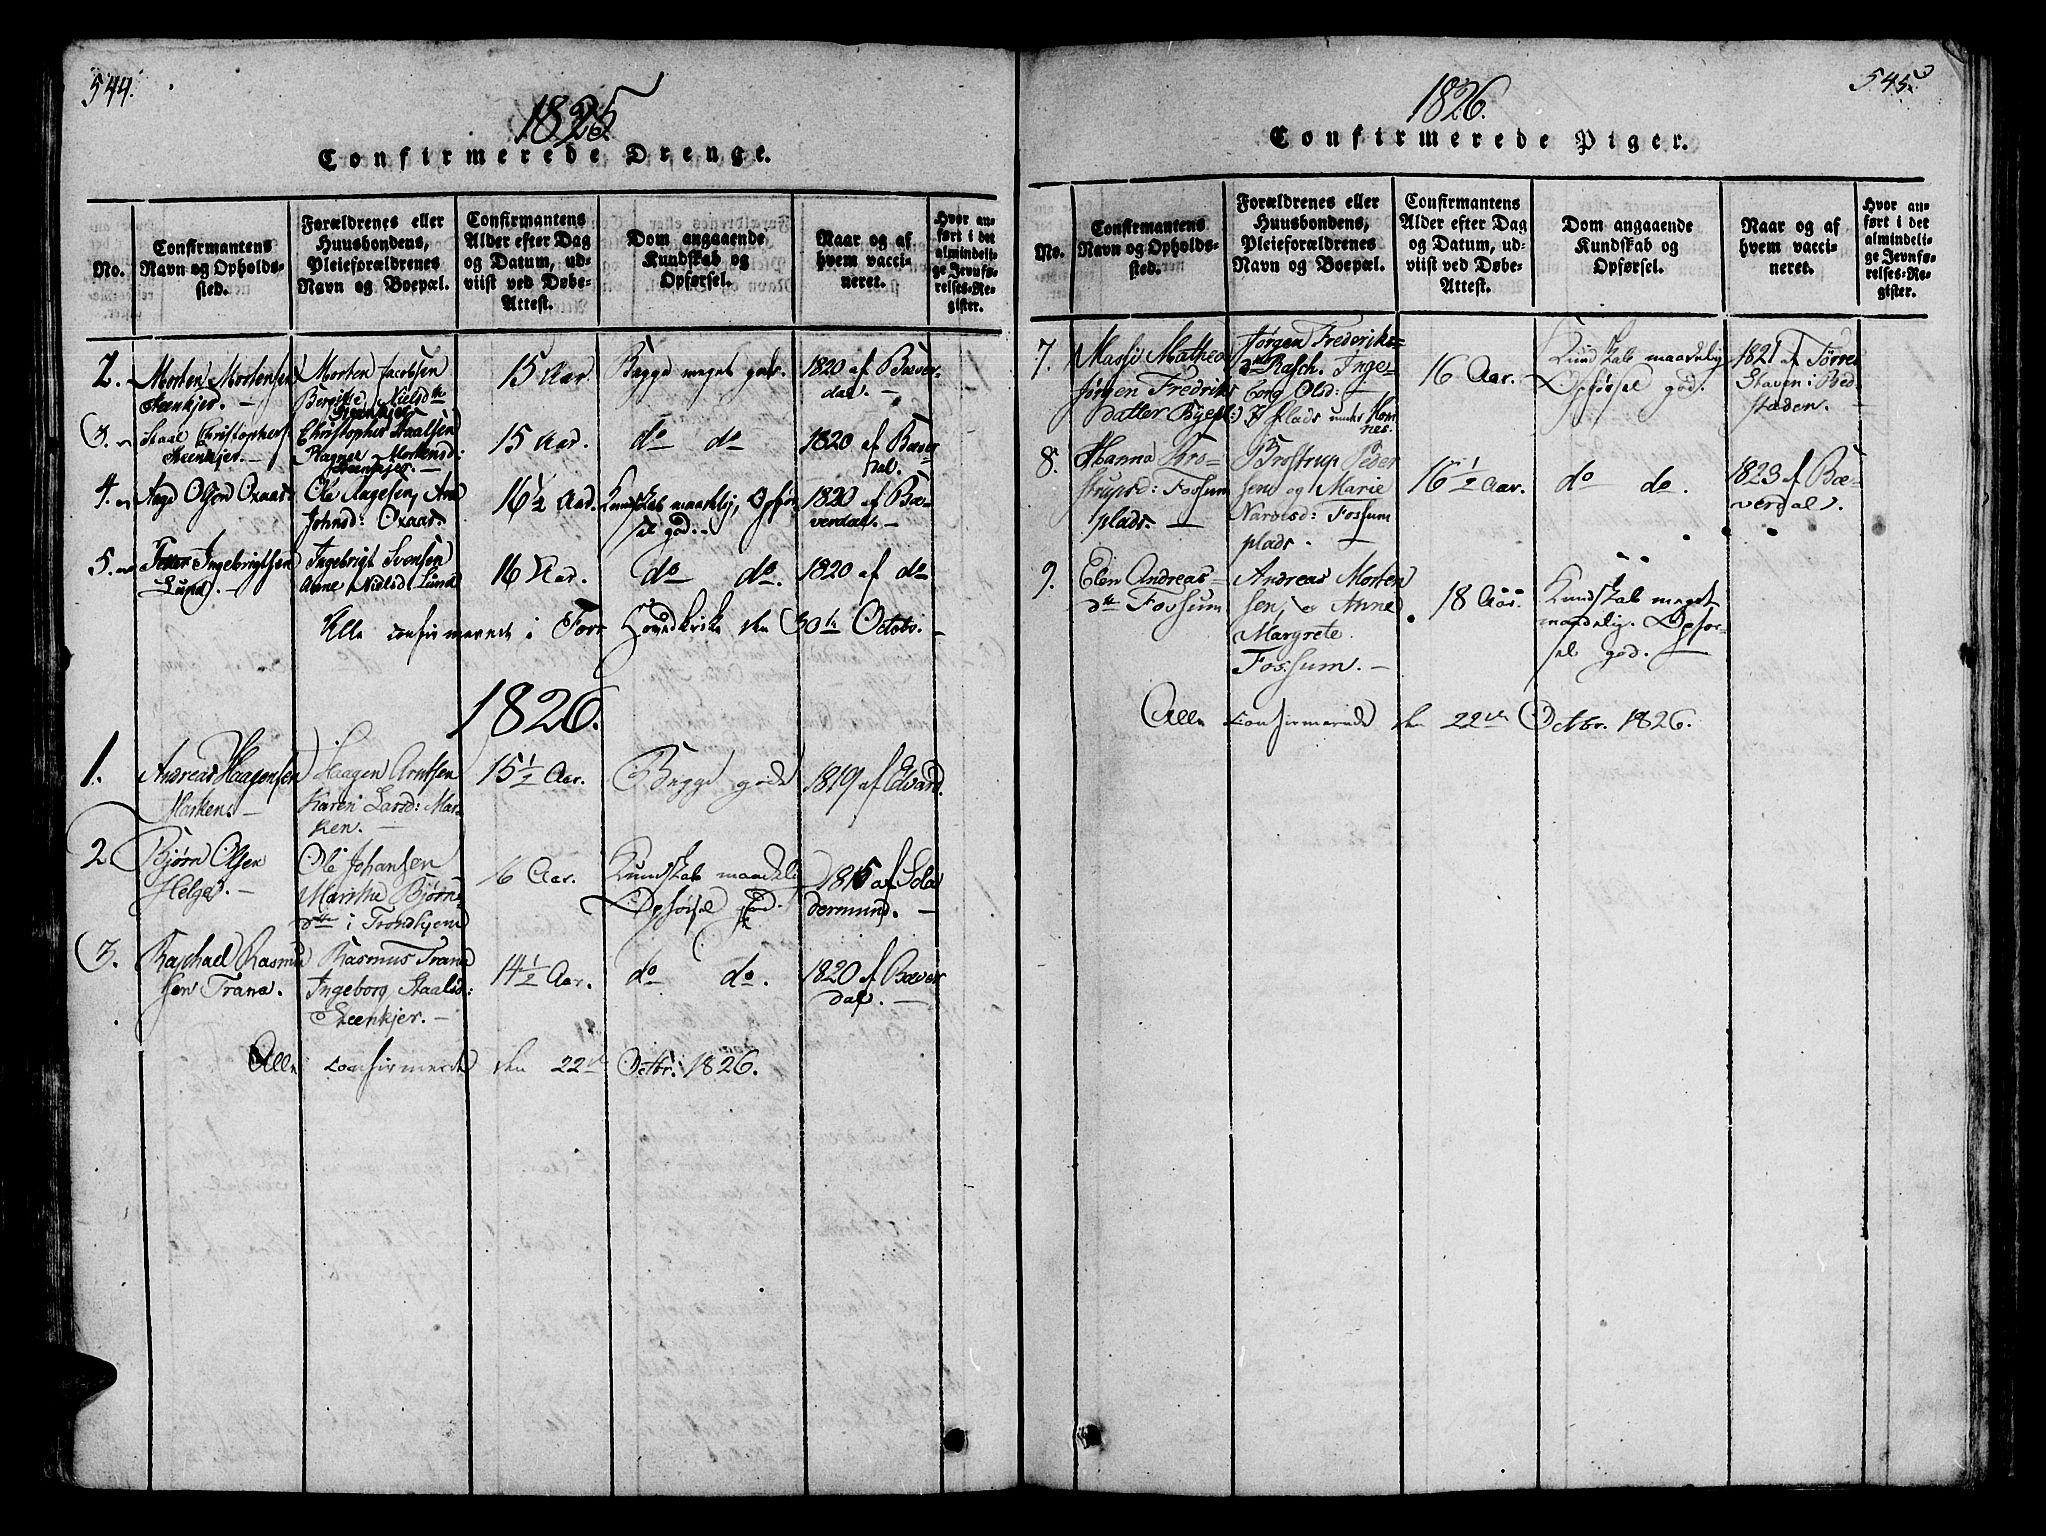 SAT, Ministerialprotokoller, klokkerbøker og fødselsregistre - Nord-Trøndelag, 746/L0441: Ministerialbok nr. 736A03 /3, 1816-1827, s. 544-545